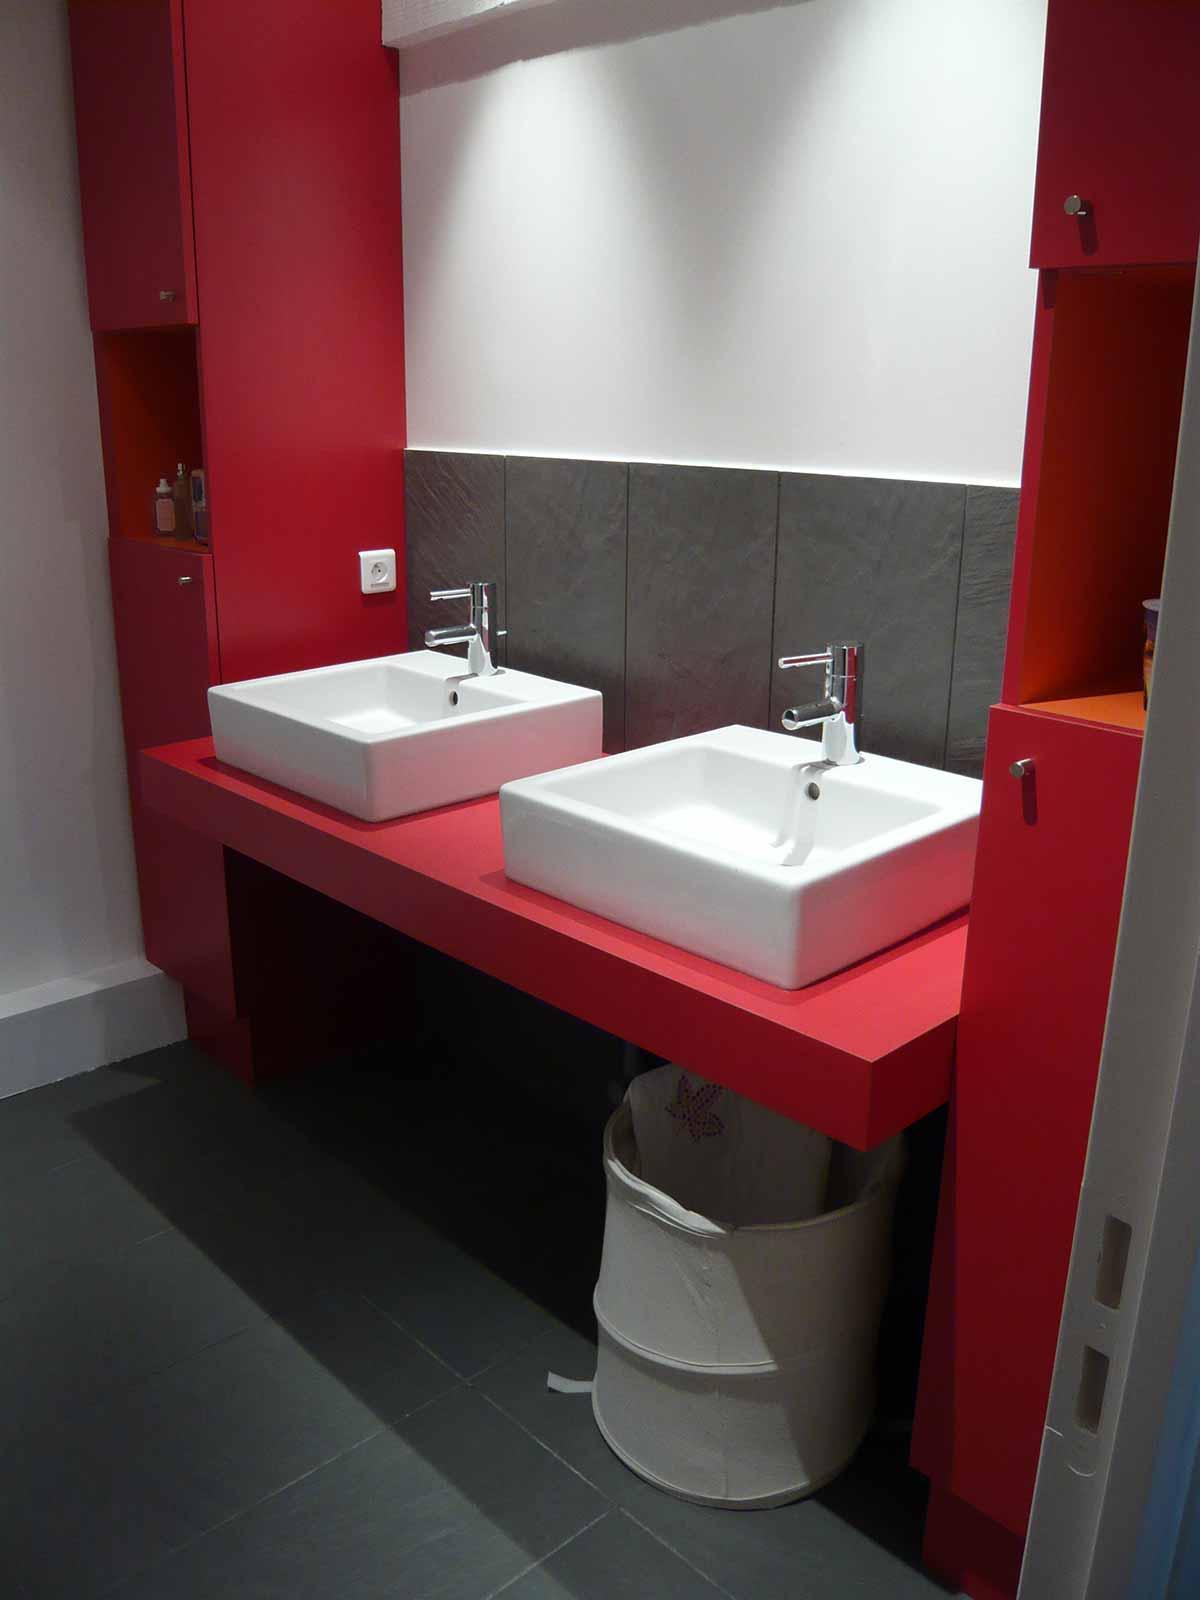 Salle de bain Surrélévation maison DD Clermont Ferrand